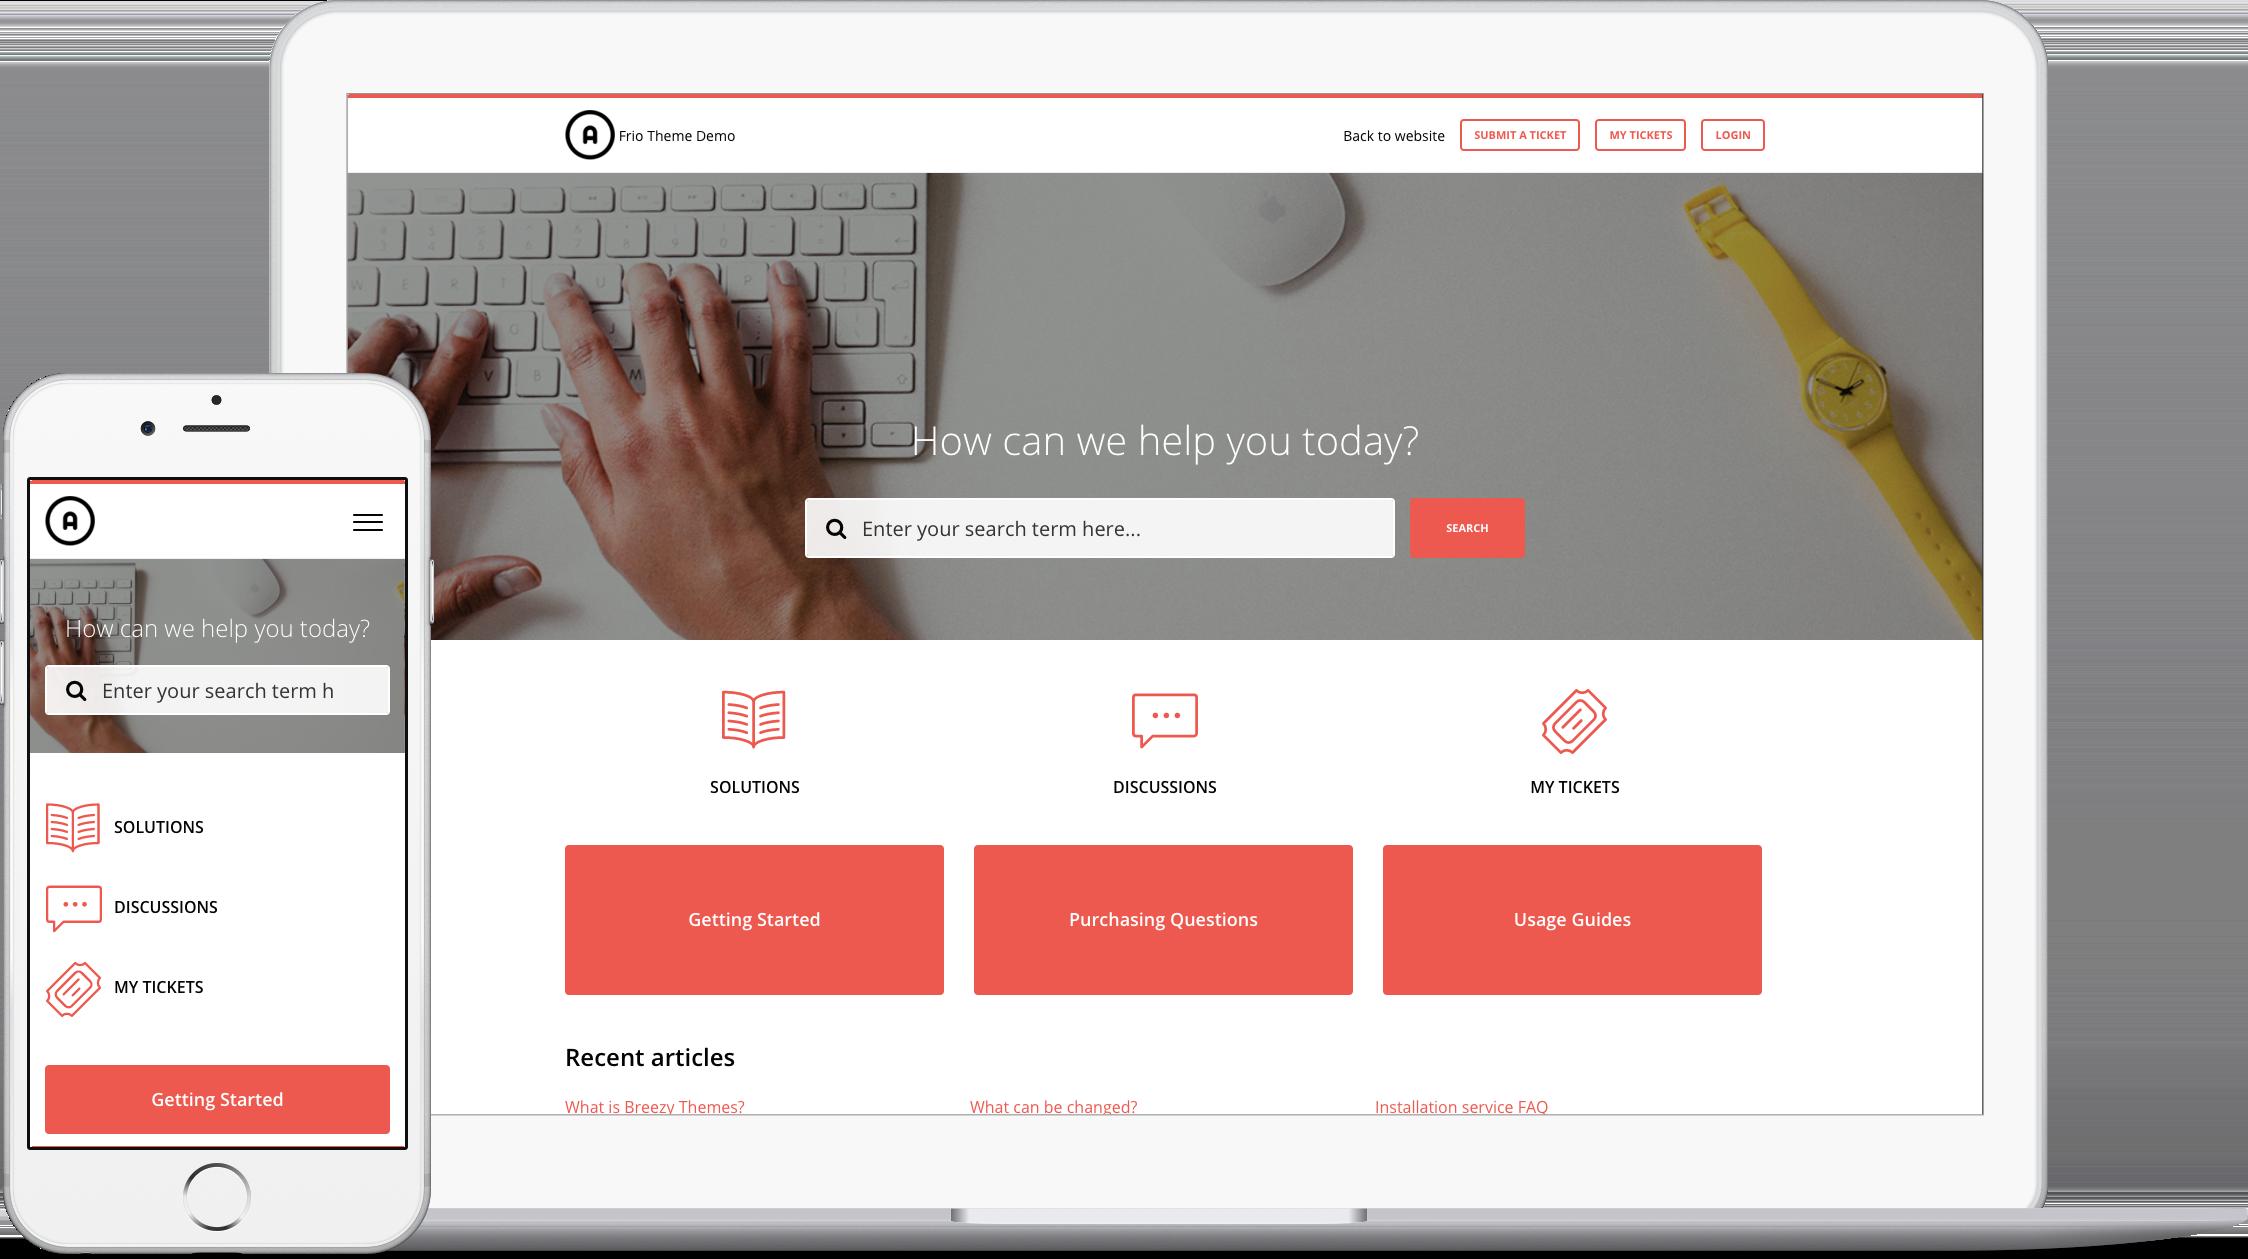 Frio Red Theme for Freshdesk Customer Portal